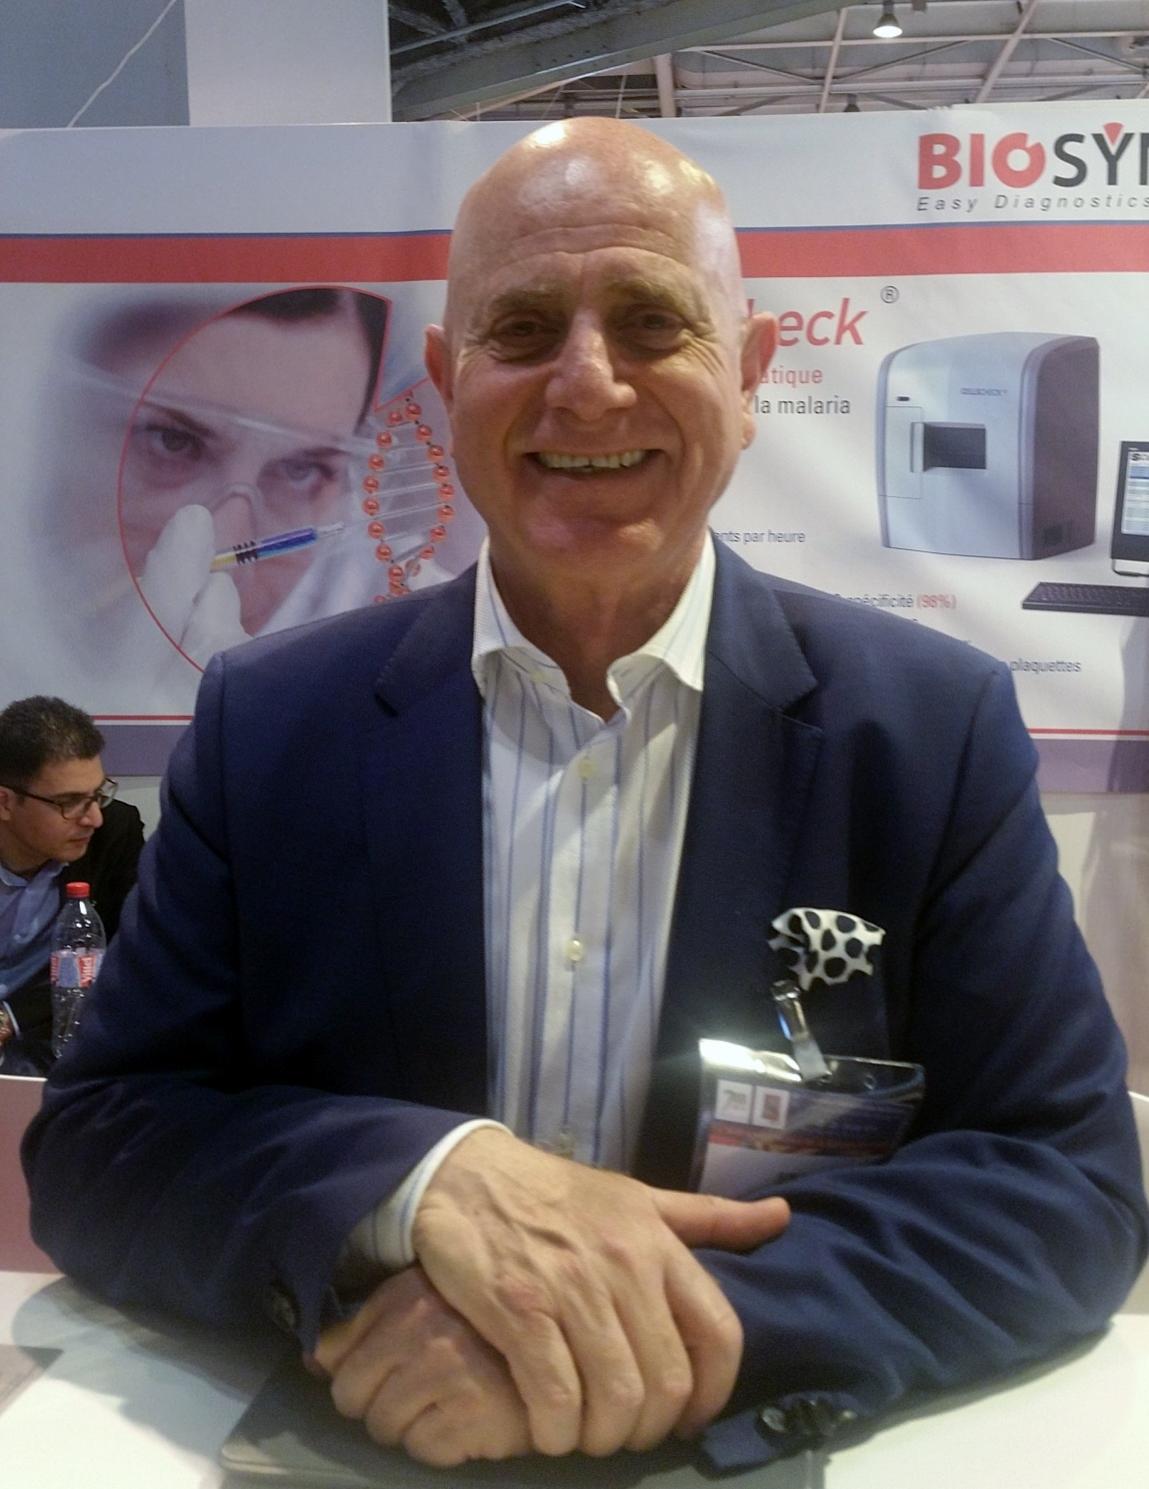 Thomas Lamy, Directeur Général de Biosynex au JIB 2016 @T.Bouveret